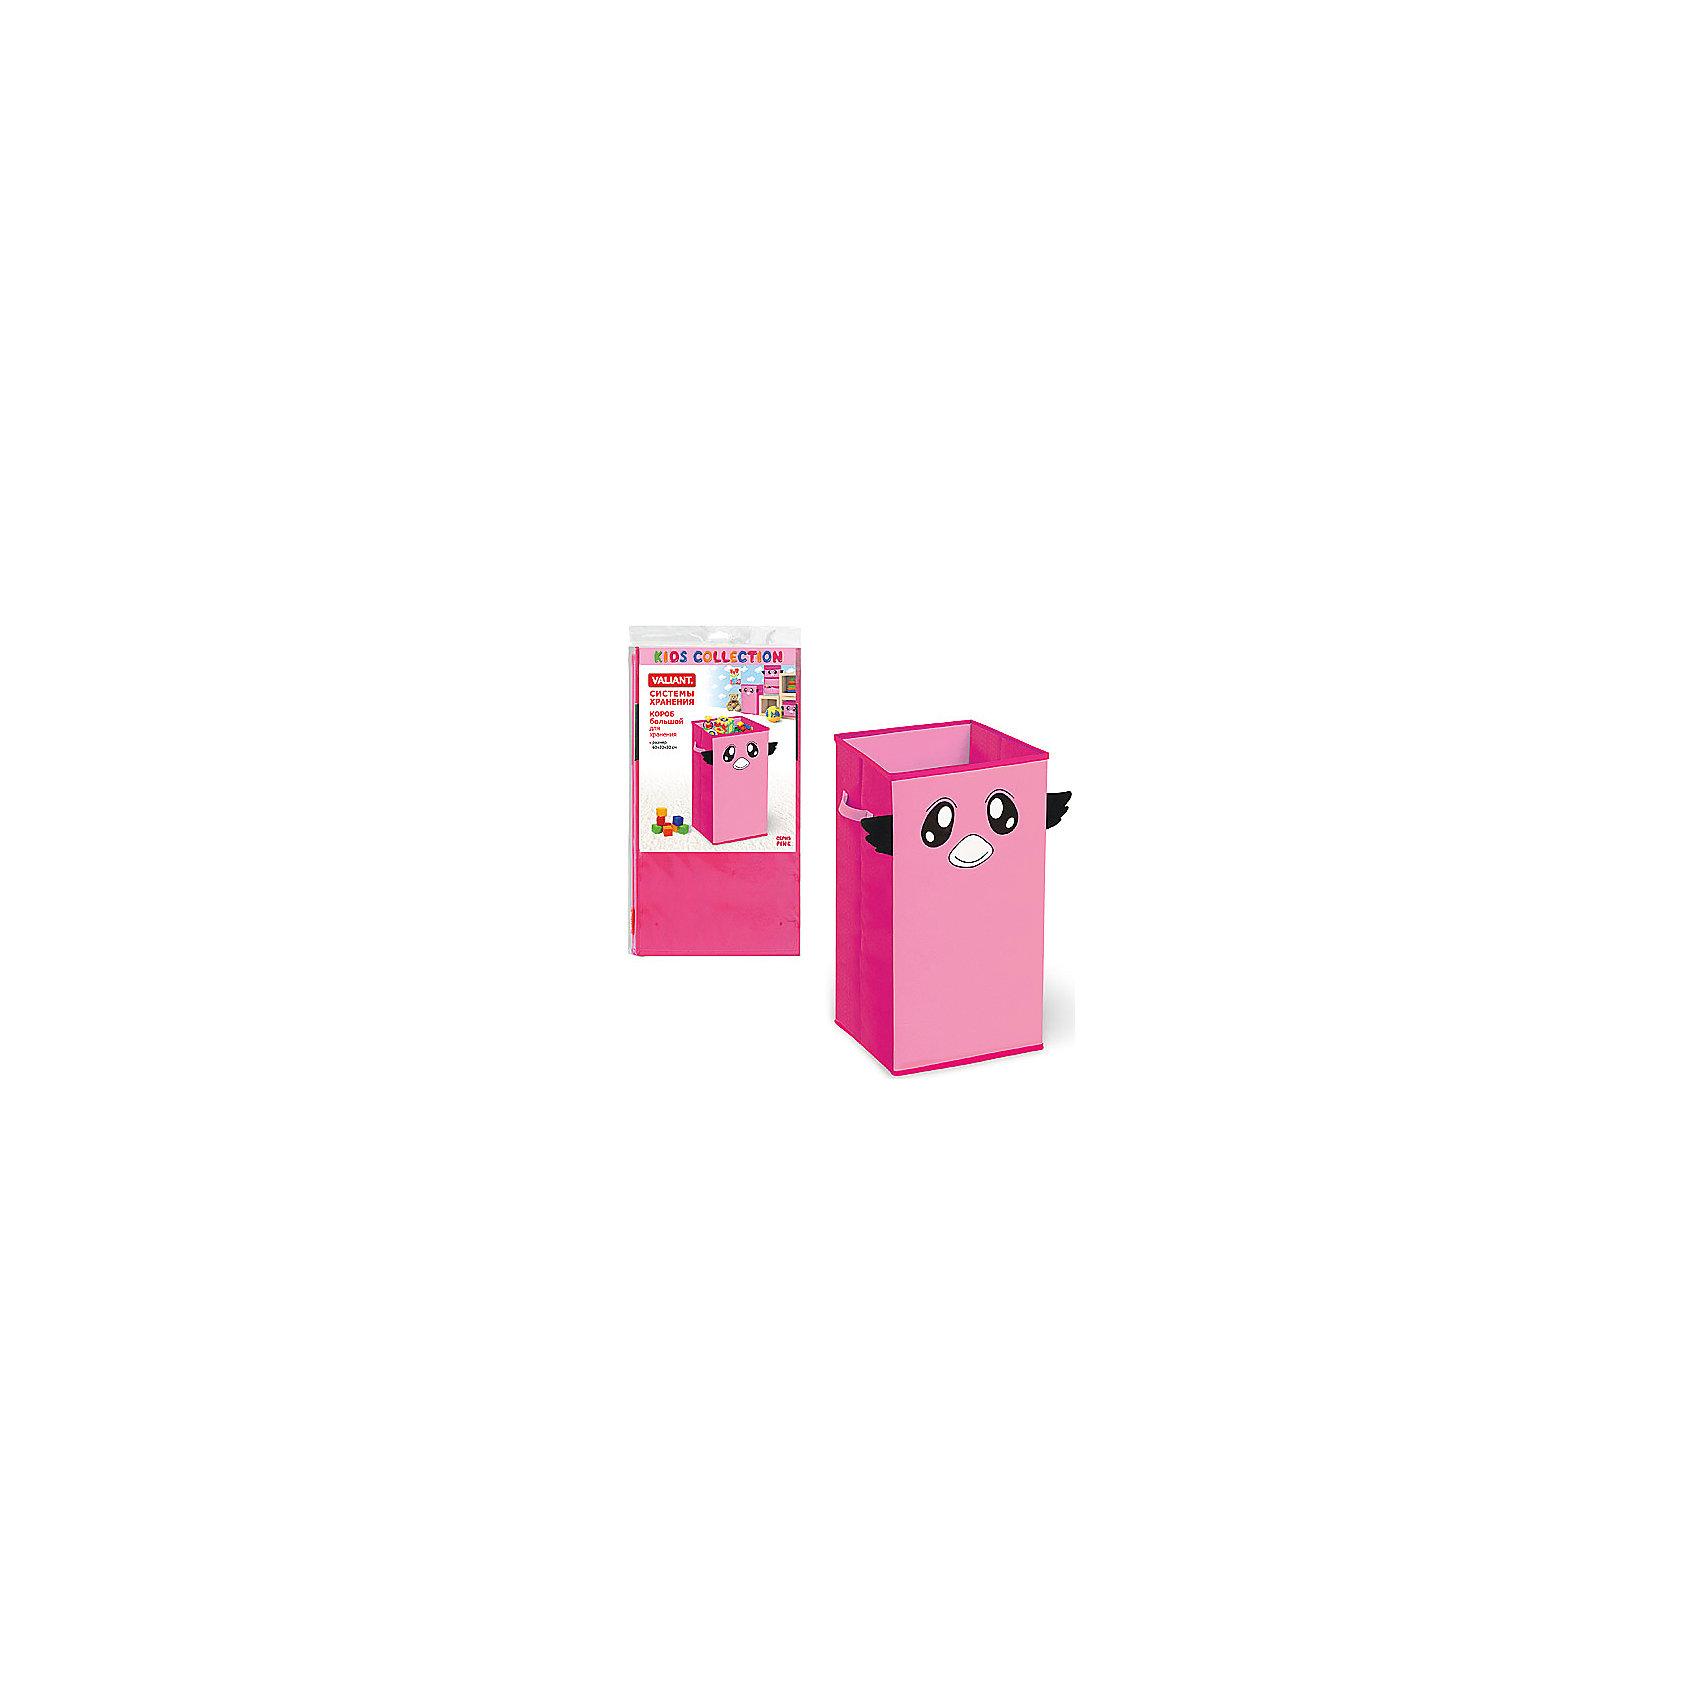 VALIANT Розовый короб для хранения 60*30*30 см купить экран короб в спб адреса